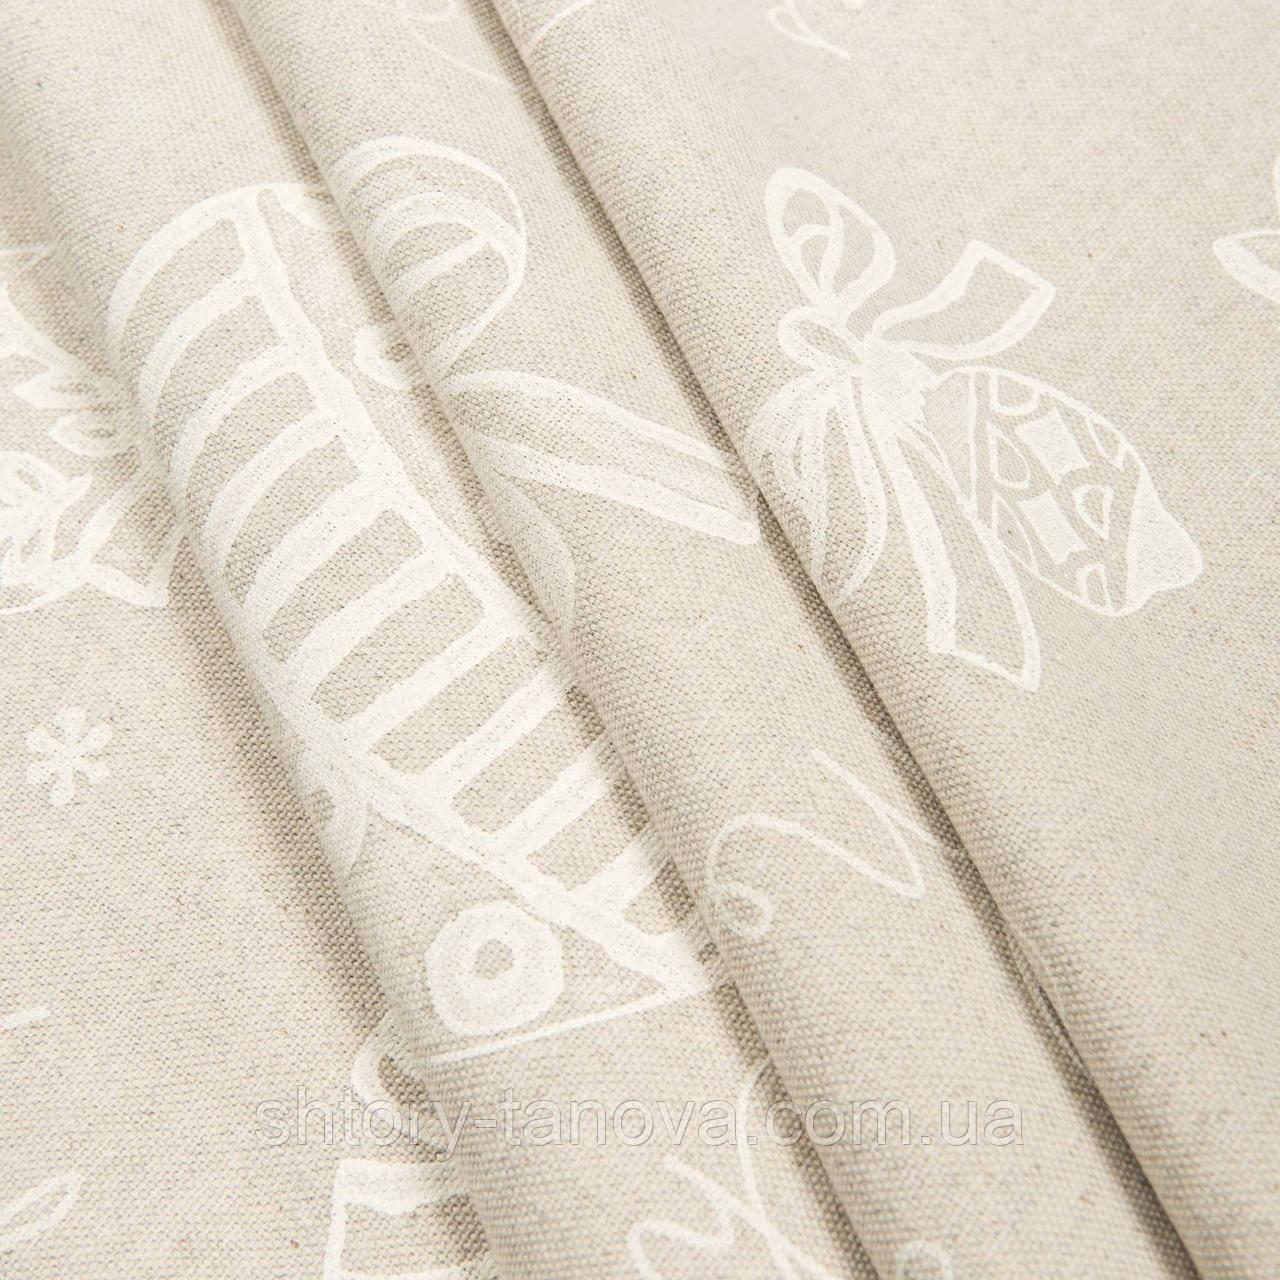 Новогодняя ткань хлопок для скатерти и салфеток, подушек Ткани для штор на метраж